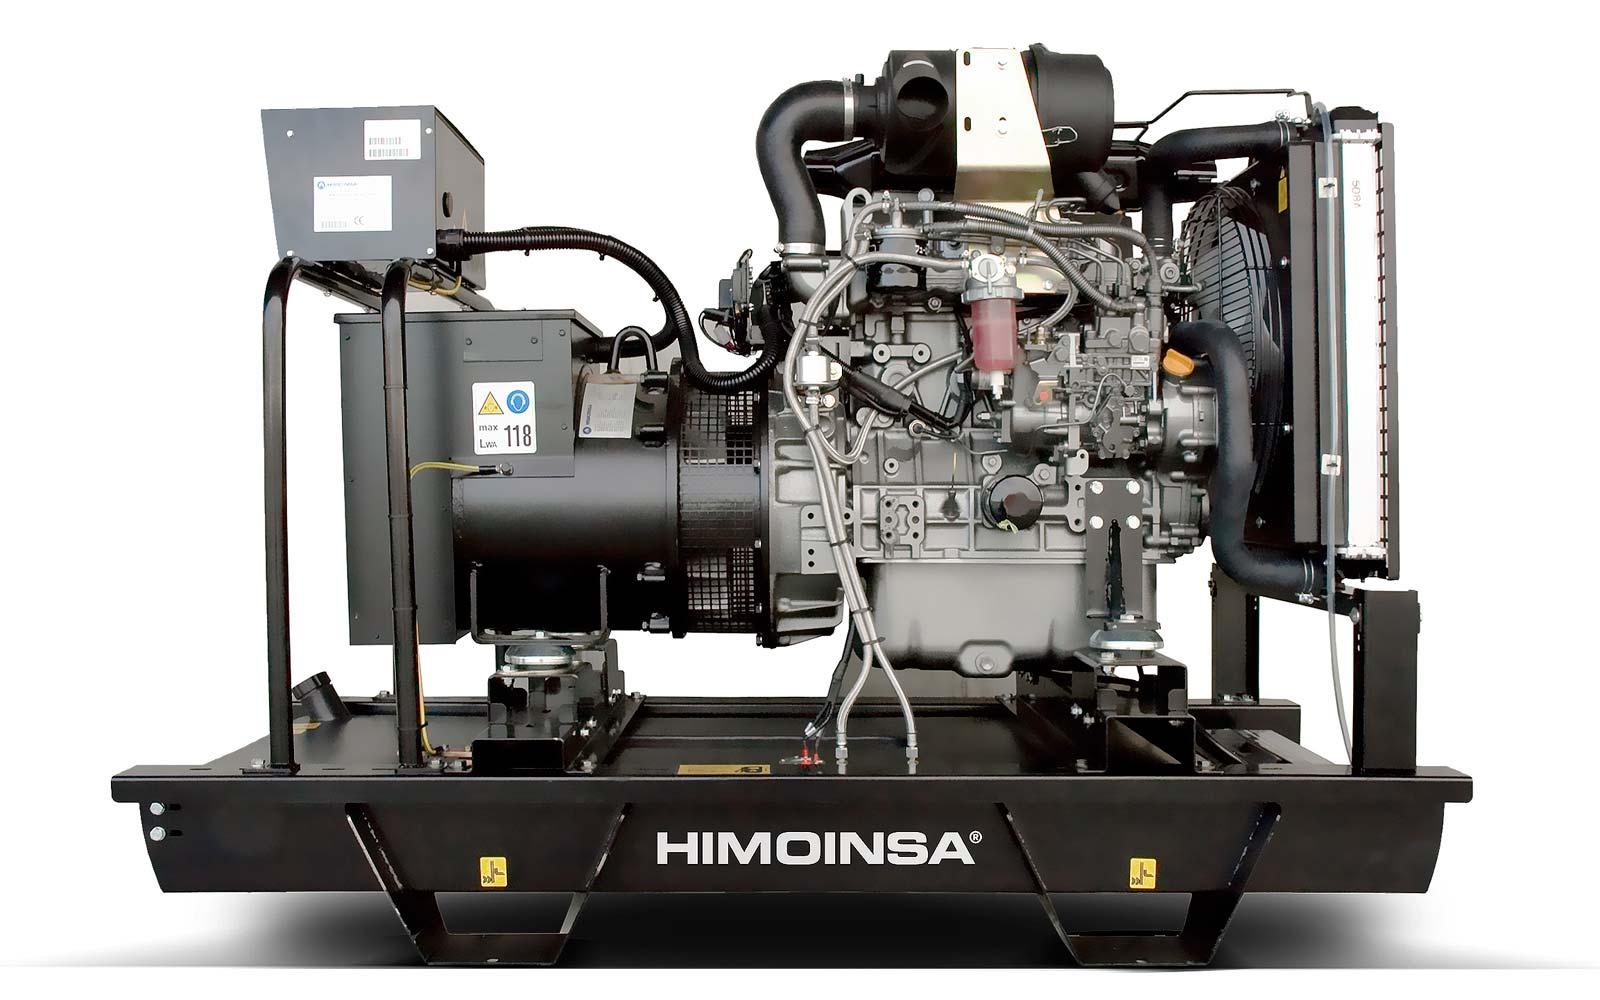 дизельная электростанция himoinsa hyw-45 t5